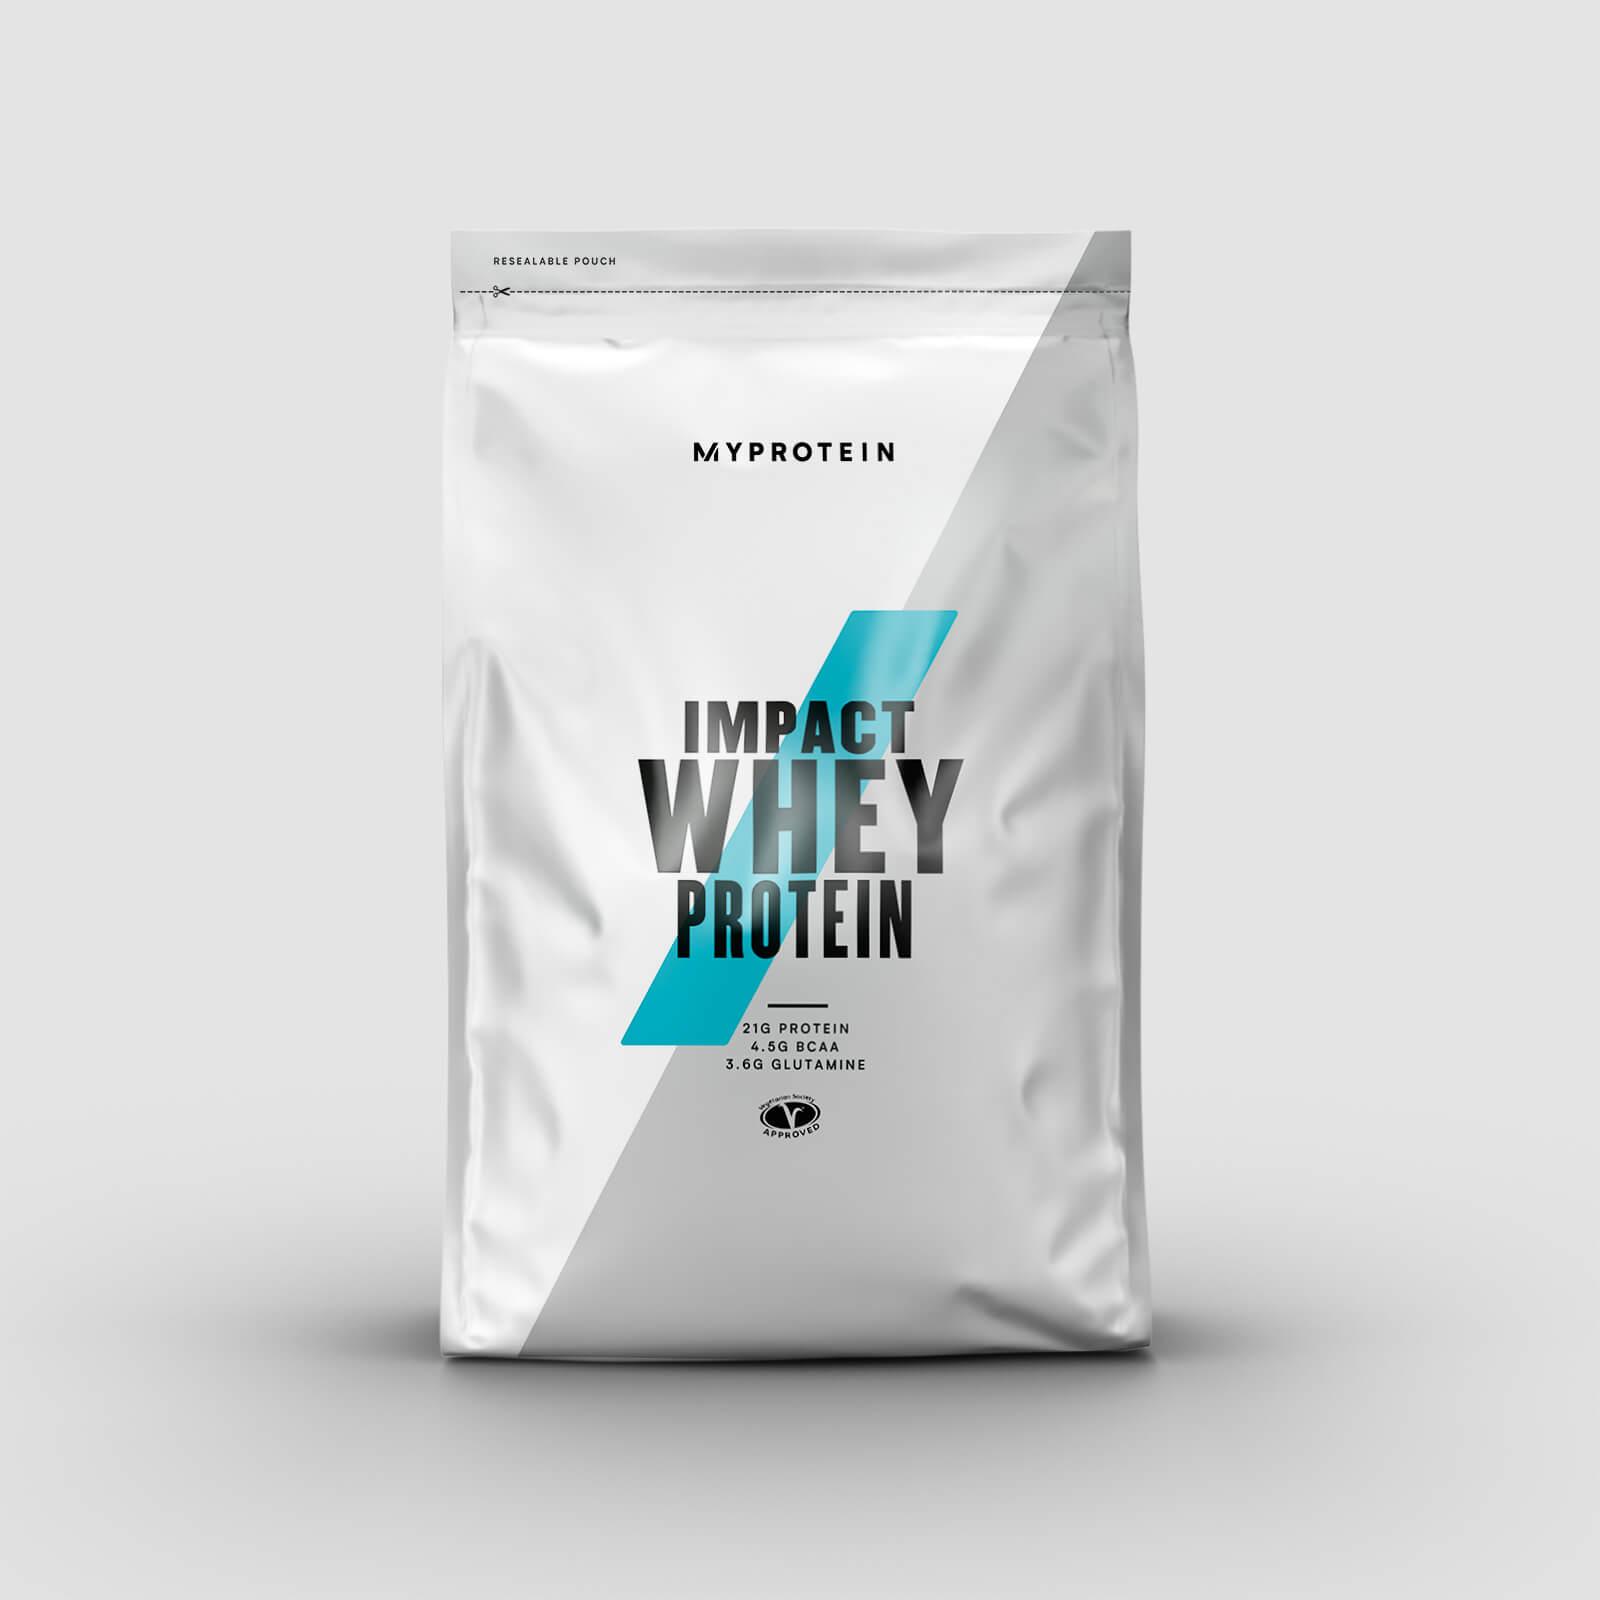 Myprotein Impact Whey Protein - 1kg - Menthe chocolat